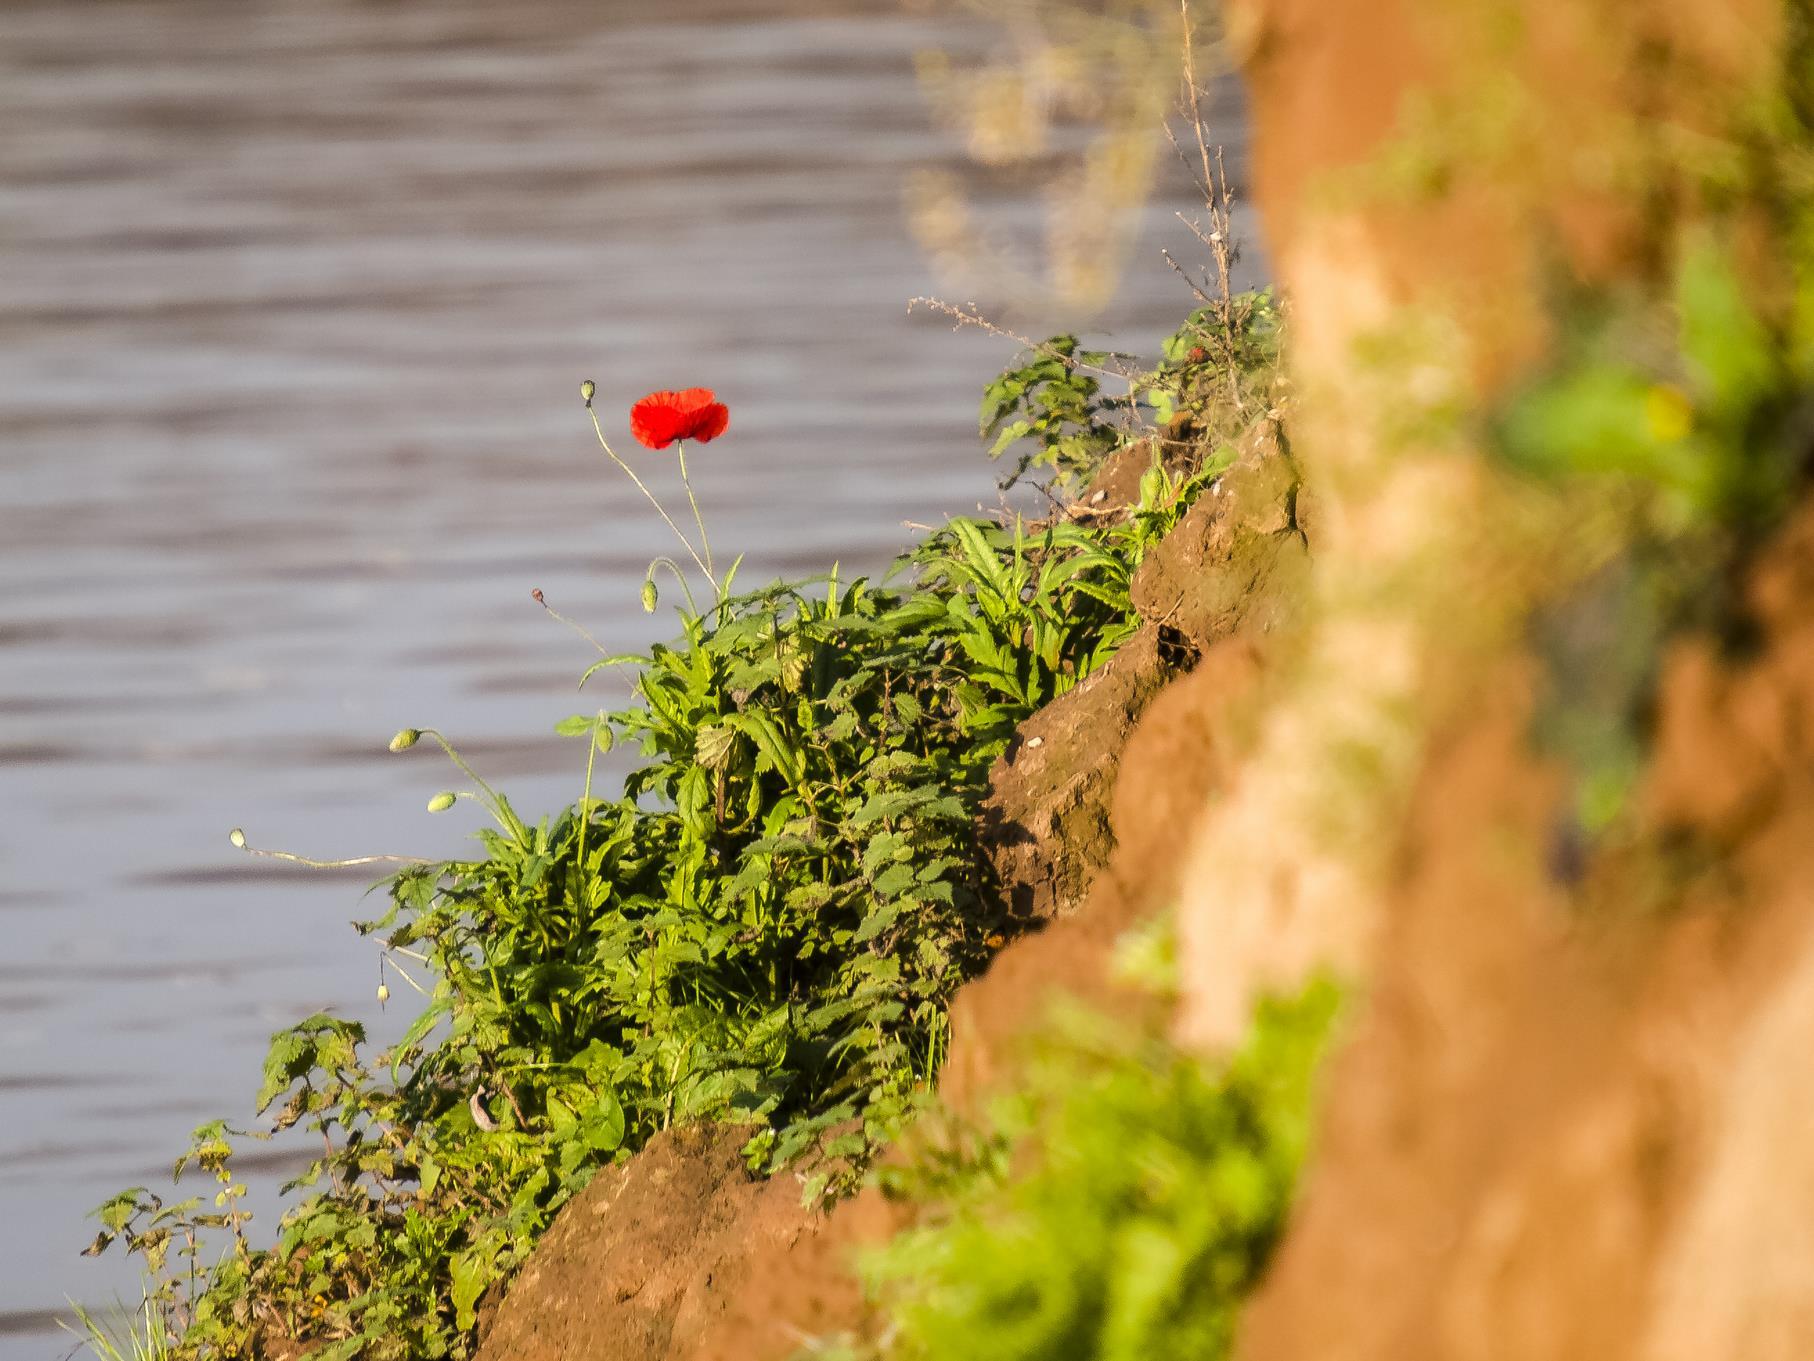 Eine Mohnblume wächst am Ufer.